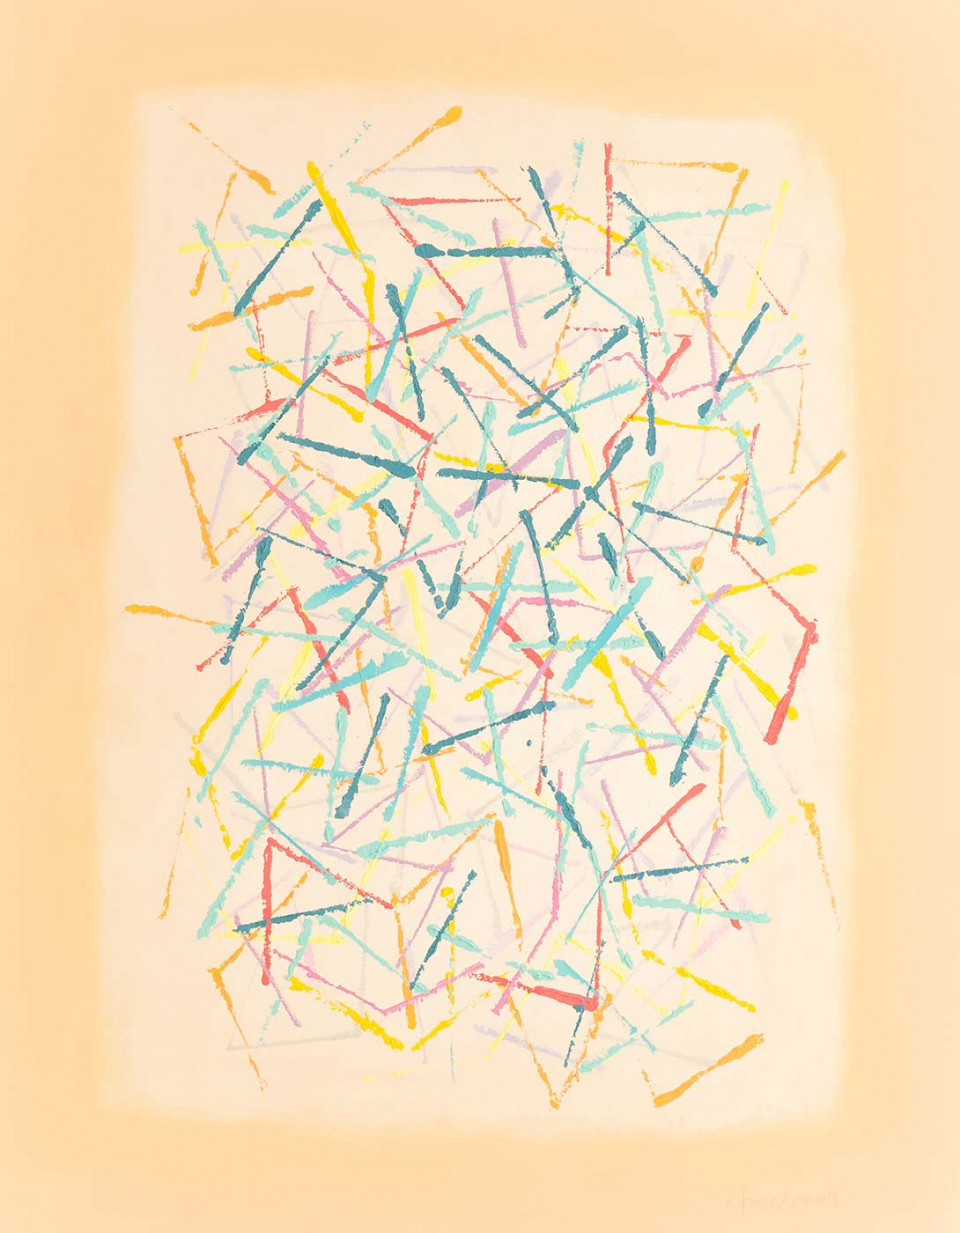 Trazos  (2012)  116 x 89 cm.